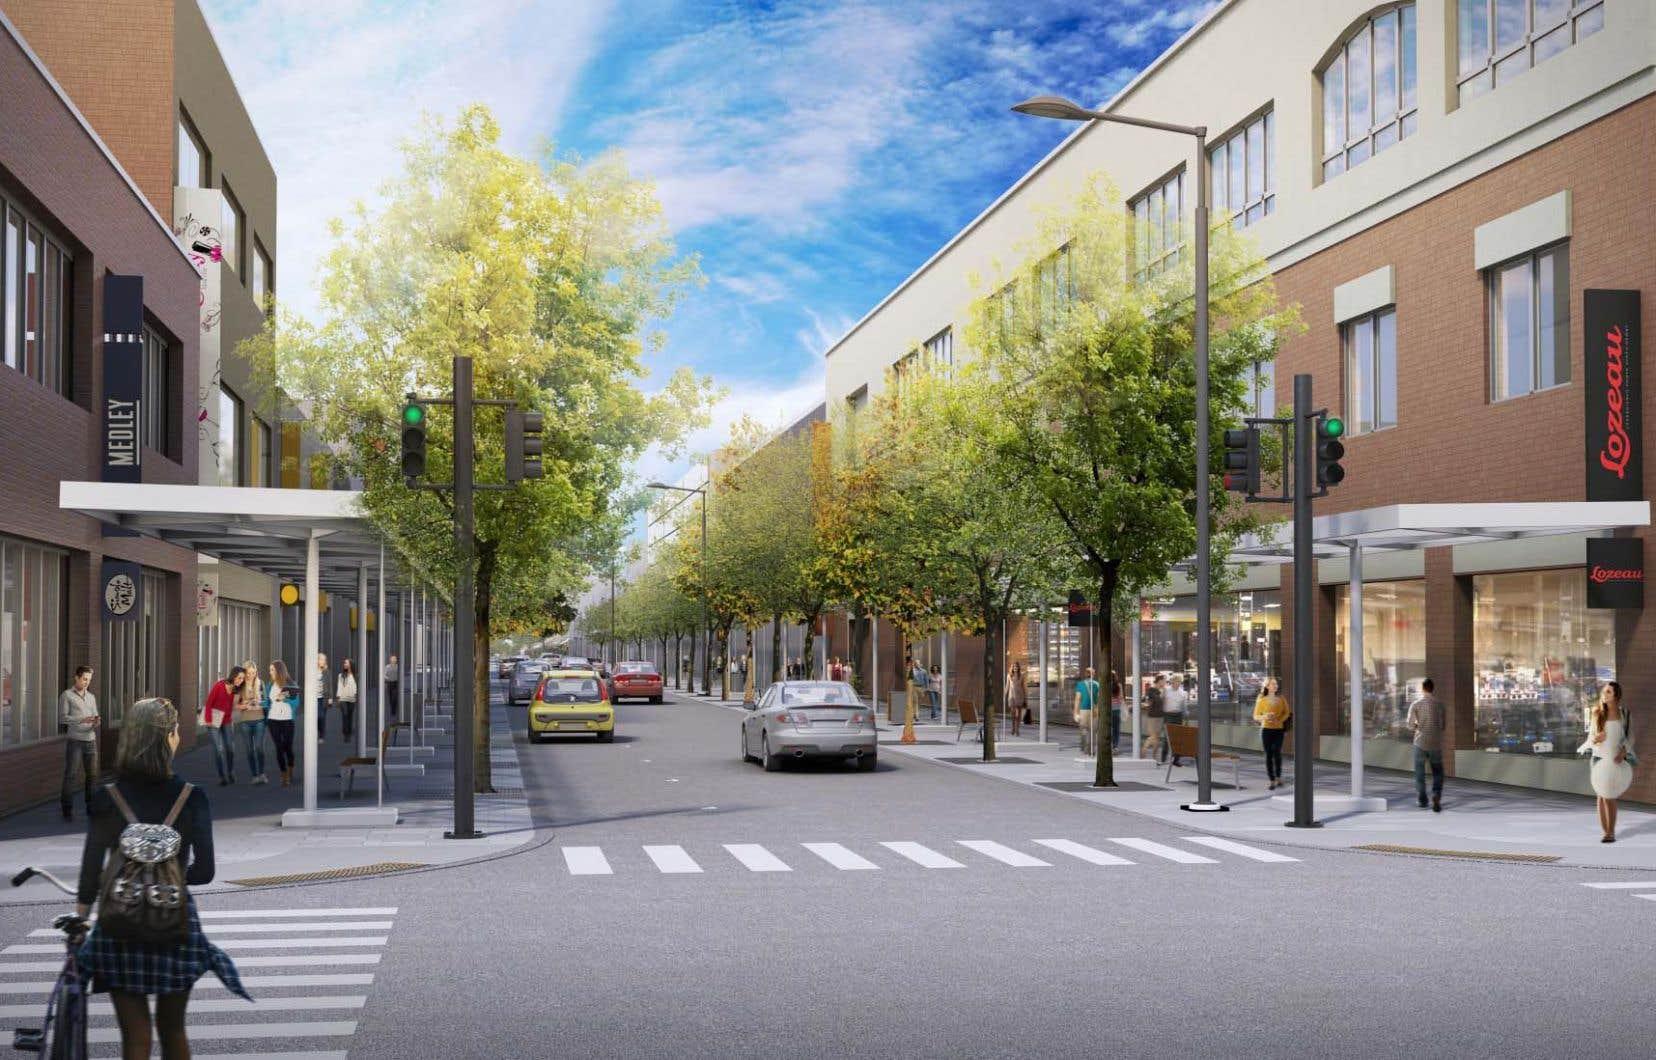 La future Plaza sera dotée de trottoirs plus larges et d'une marquise qui ne devrait plus servir d'abri pour les colonies de pigeons.